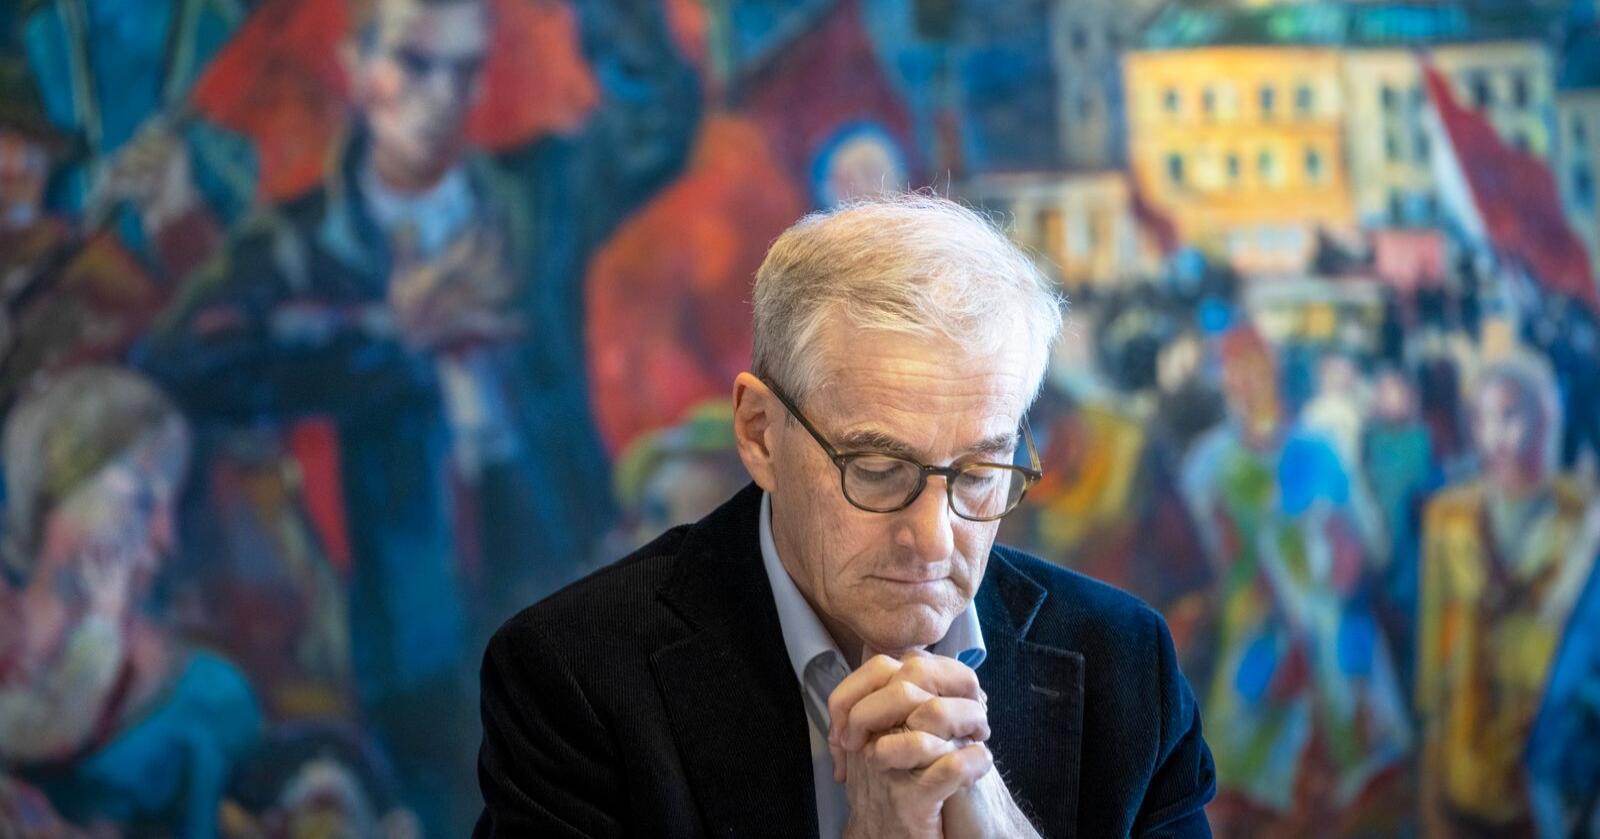 Arbeiderpartiets leder Jonas Gahr Støre vil løfte fram kampen mot økende ulikhet som en hovedsak i valgkampen. Foto: Ole Berg-Rusten / NTB